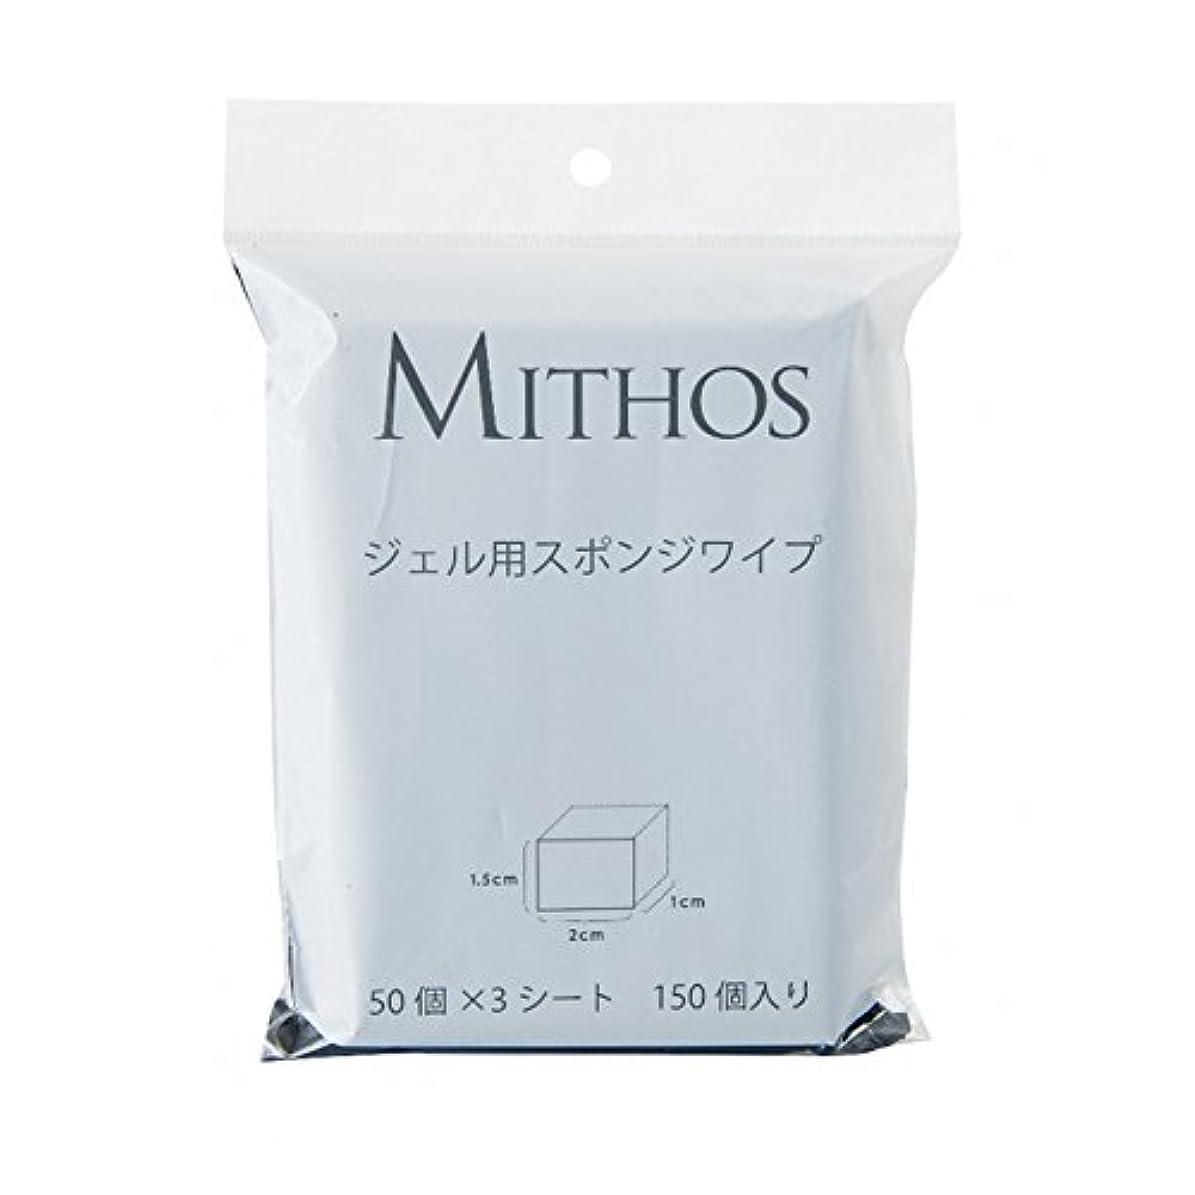 詩動的それに応じてMITHOS ジェル用スポンジワイプ 150P 1.5×2×1cm 50個×3シート